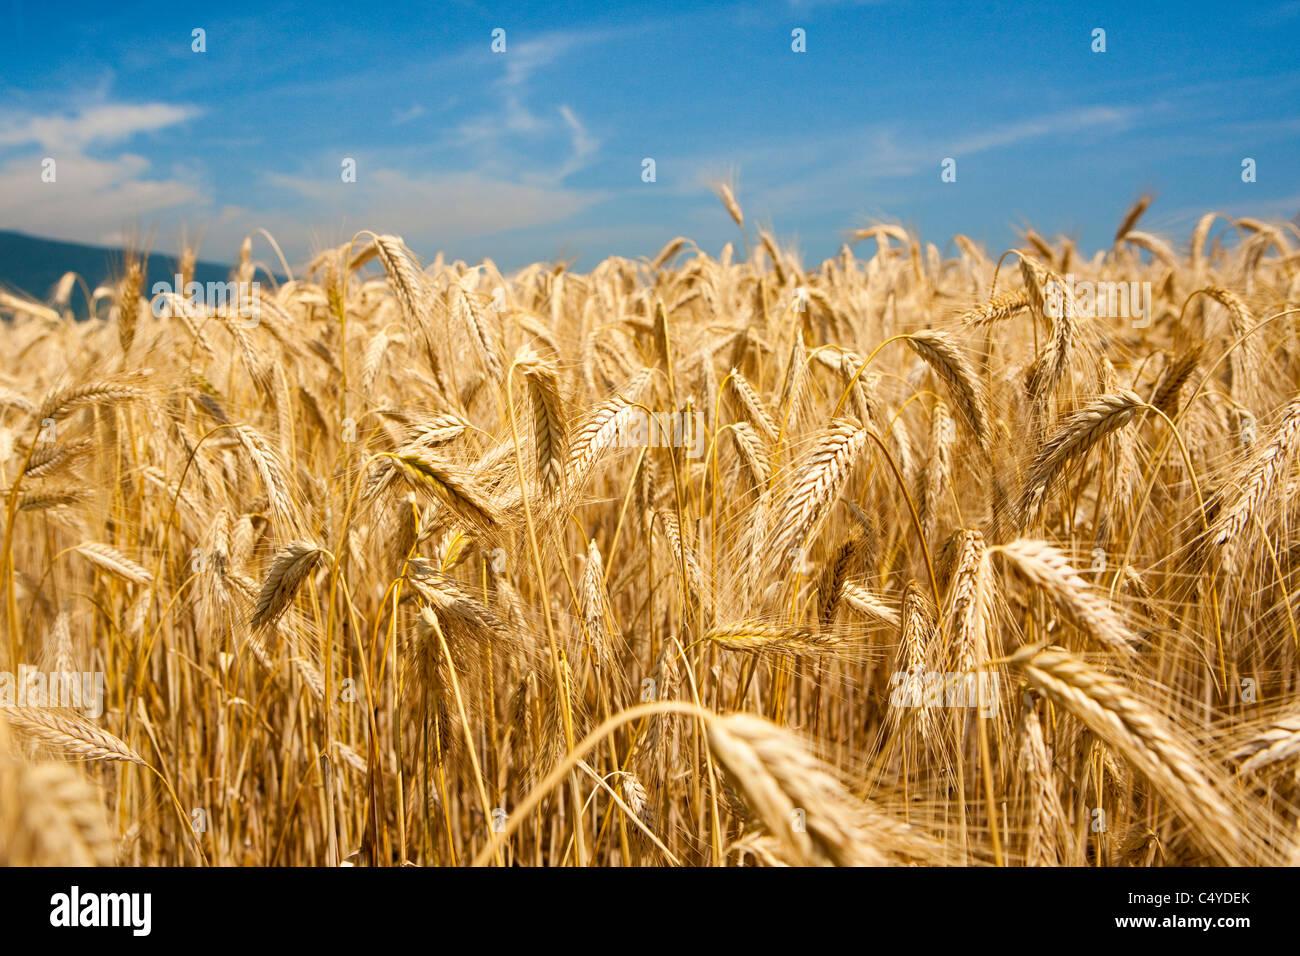 Une colline couverte par un champ de blé accompagné avec un ciel sans nuages Photo Stock